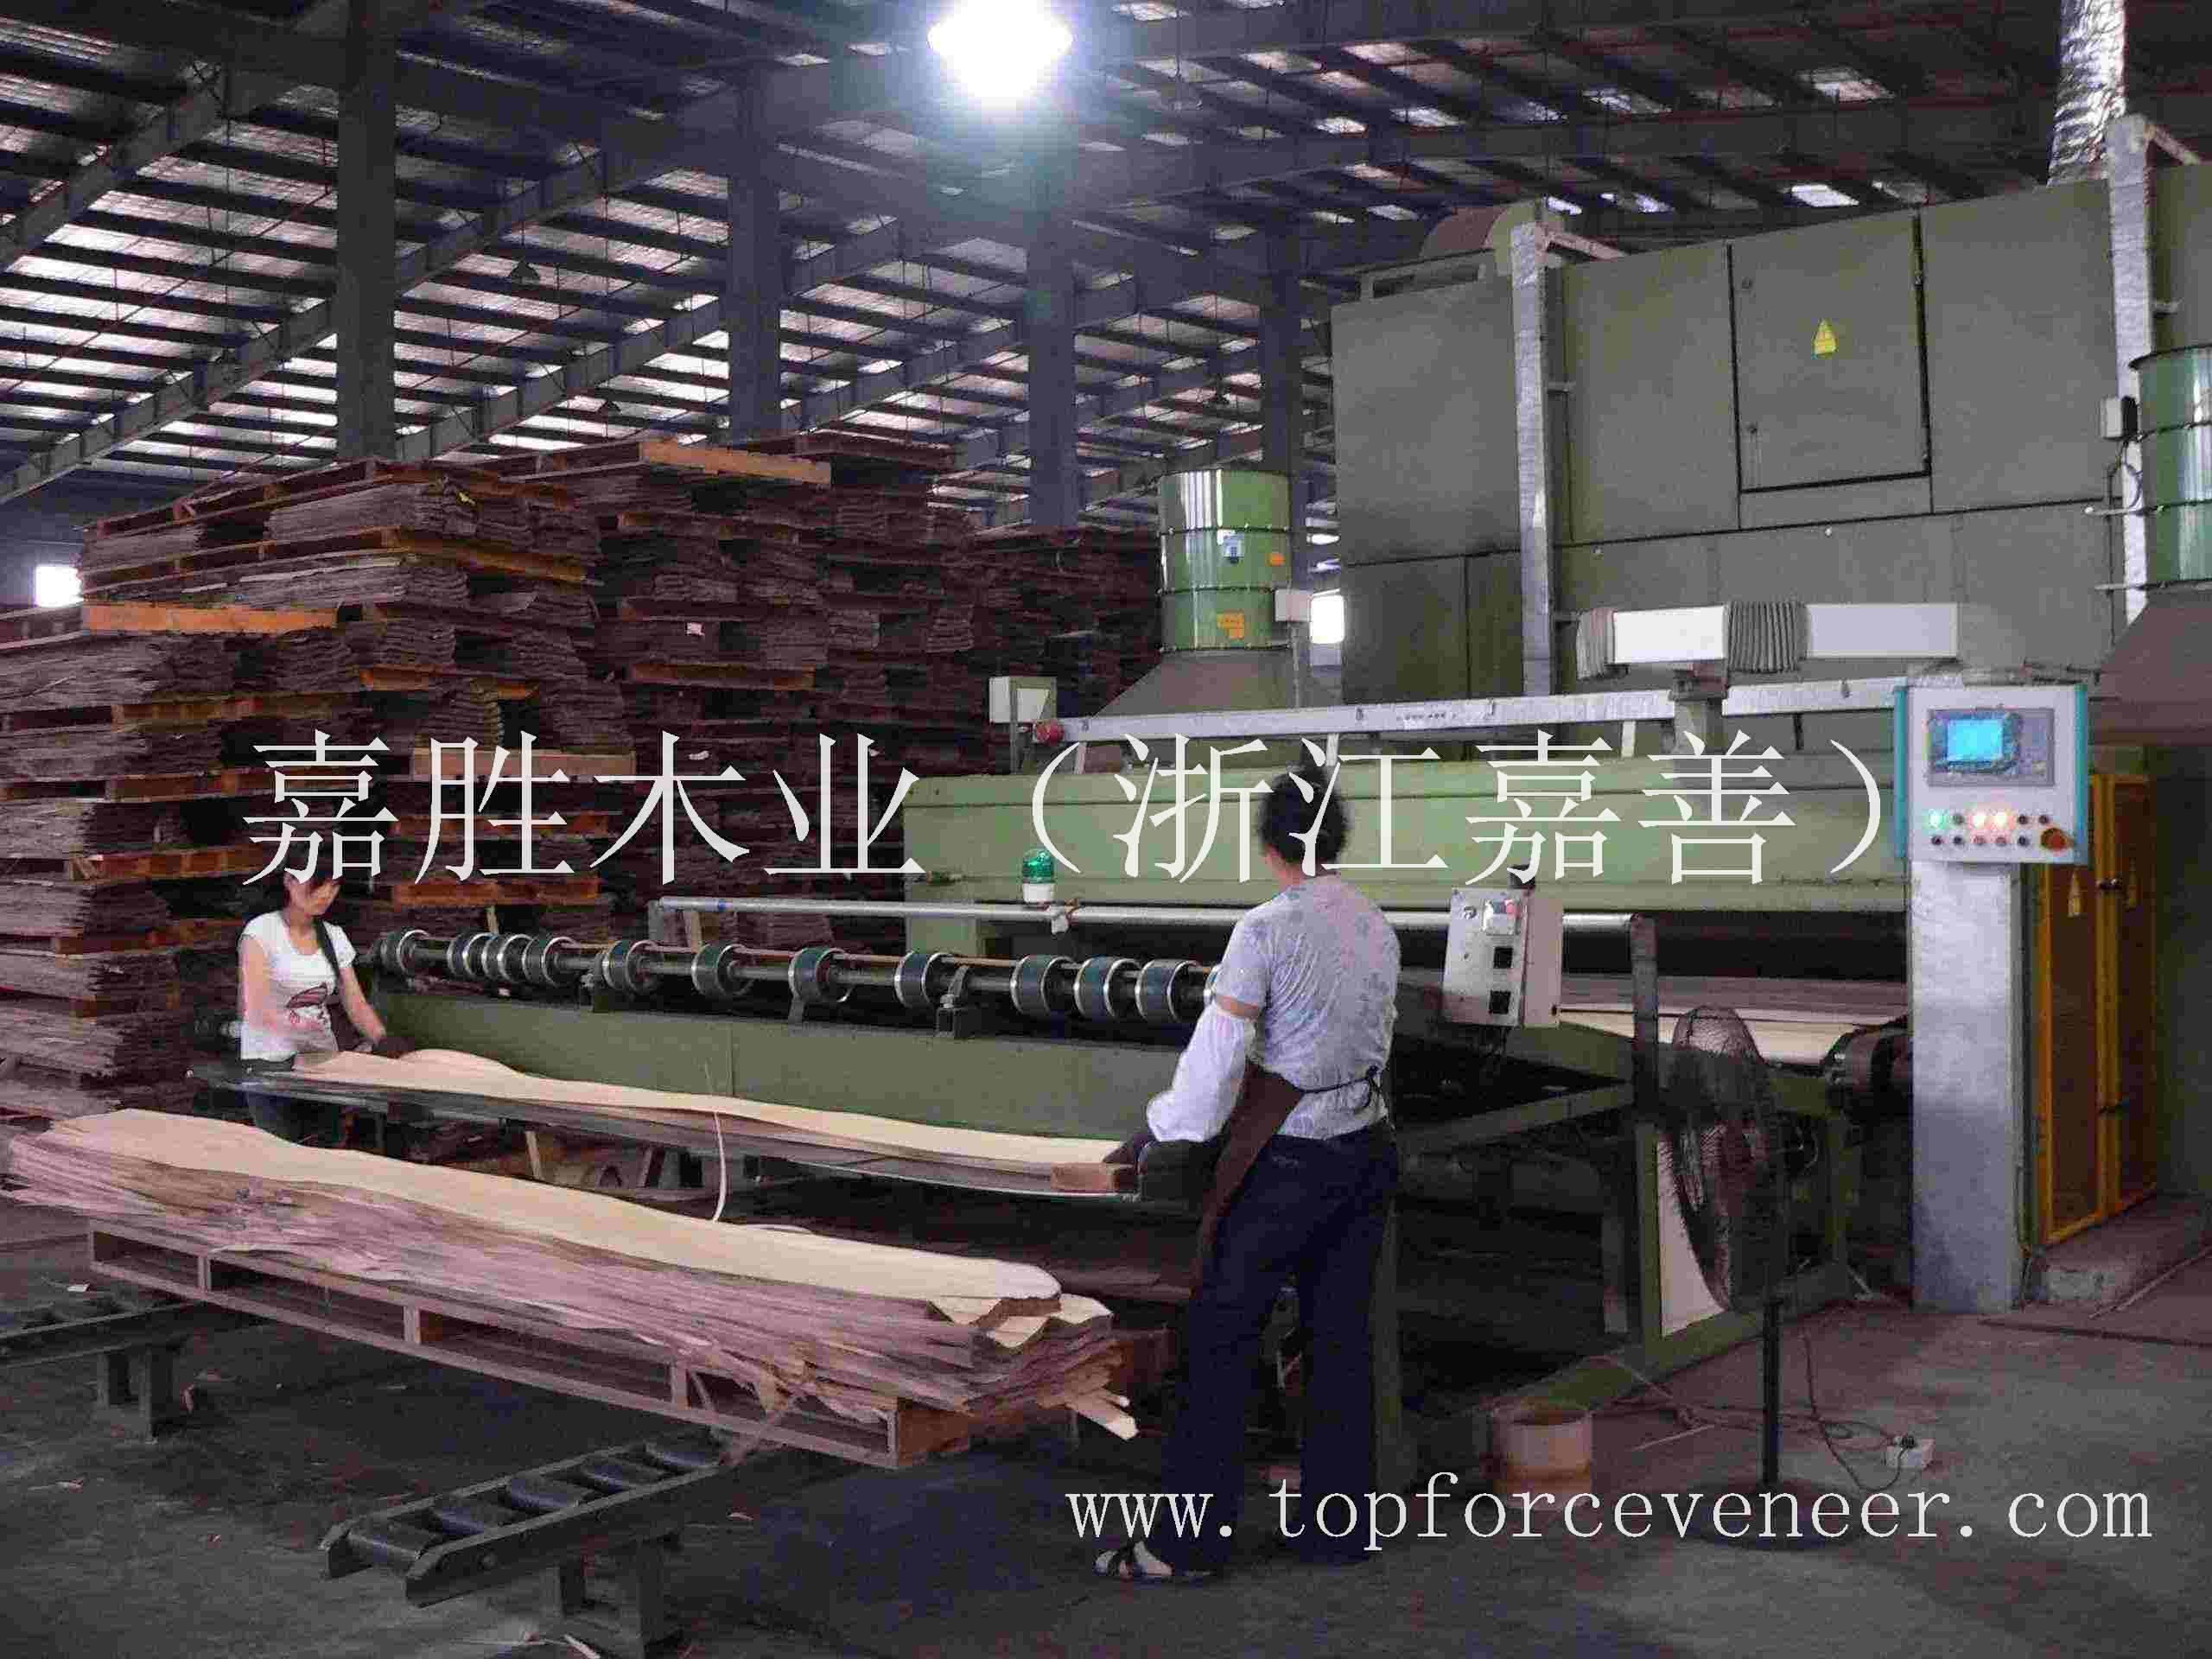 浙江知名木业厂家 ZheJiang Famous Veneer Brand and Factory